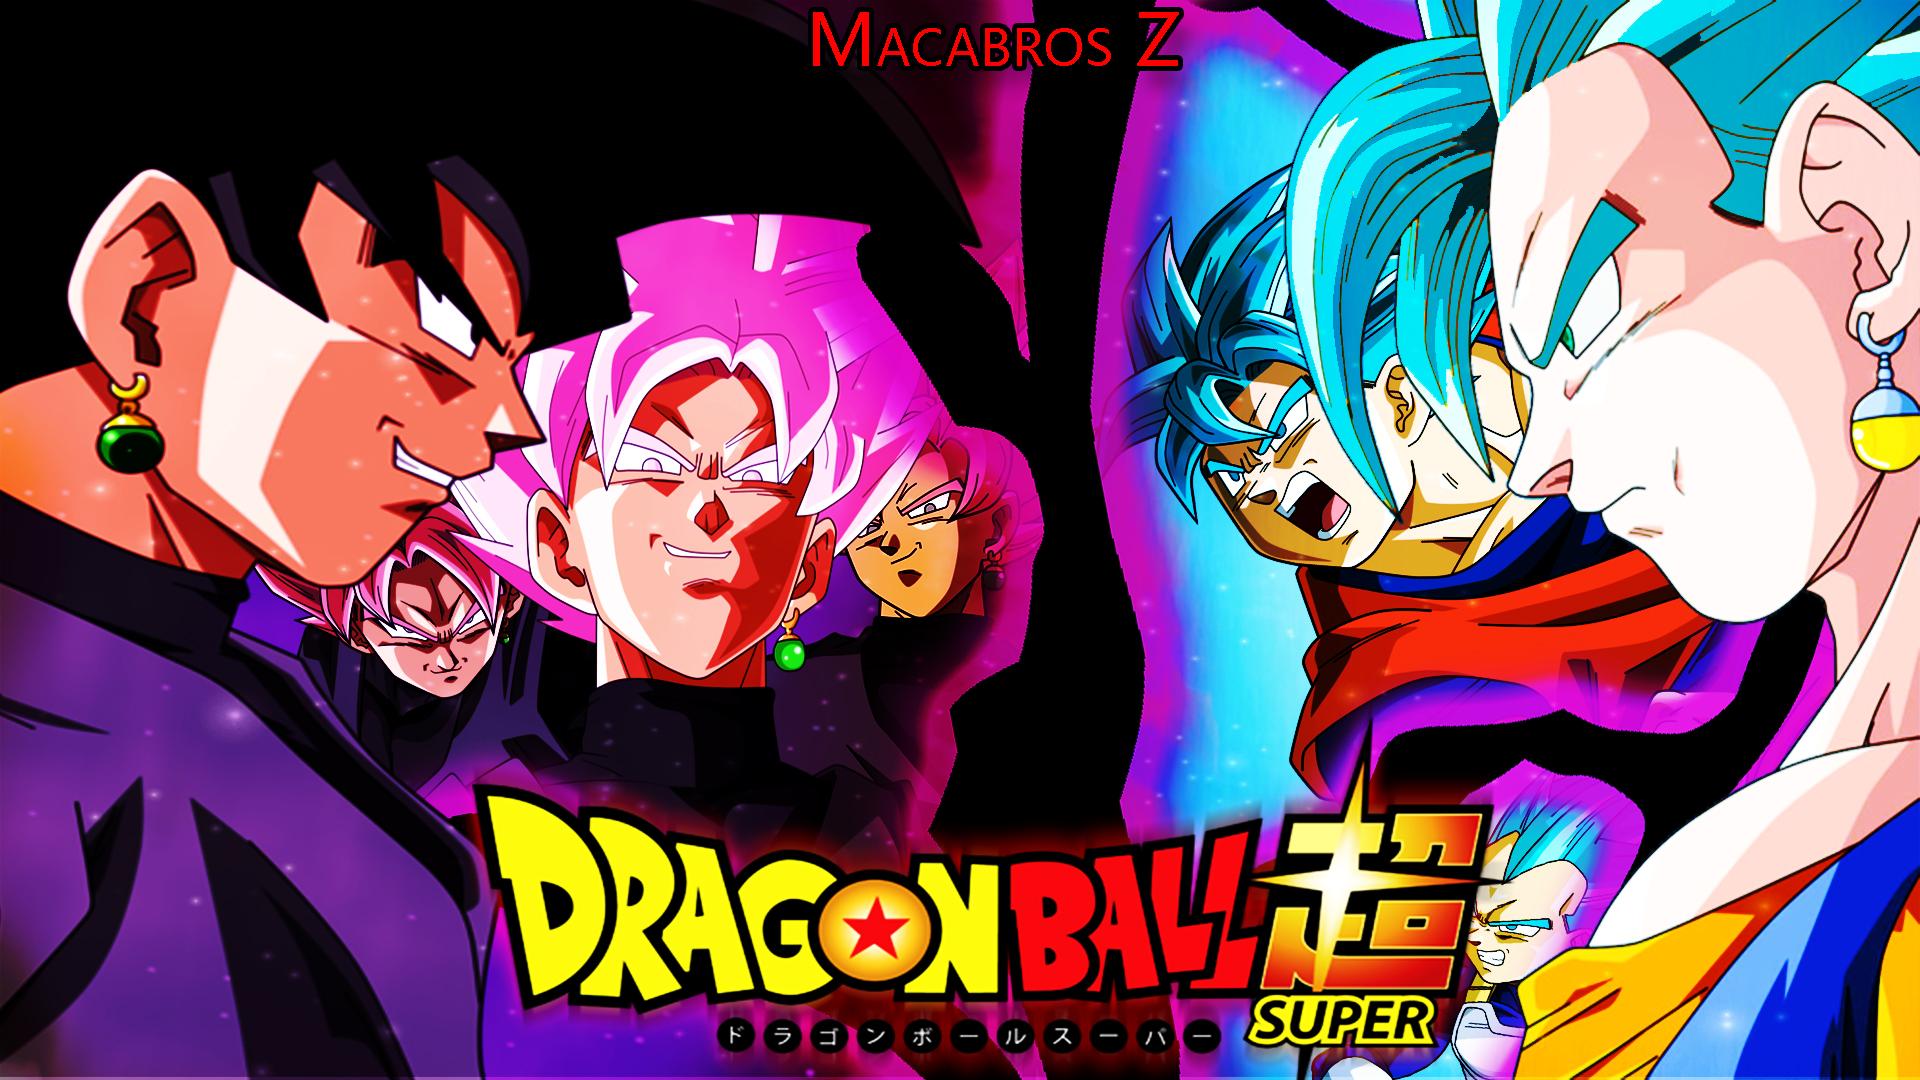 Son Goku De Dragon Ball Z Fondo De Pantalla Super Saiyan: Black Goku Vs Vegetto Ssj Blue Fondo De Pantalla By NeosZ